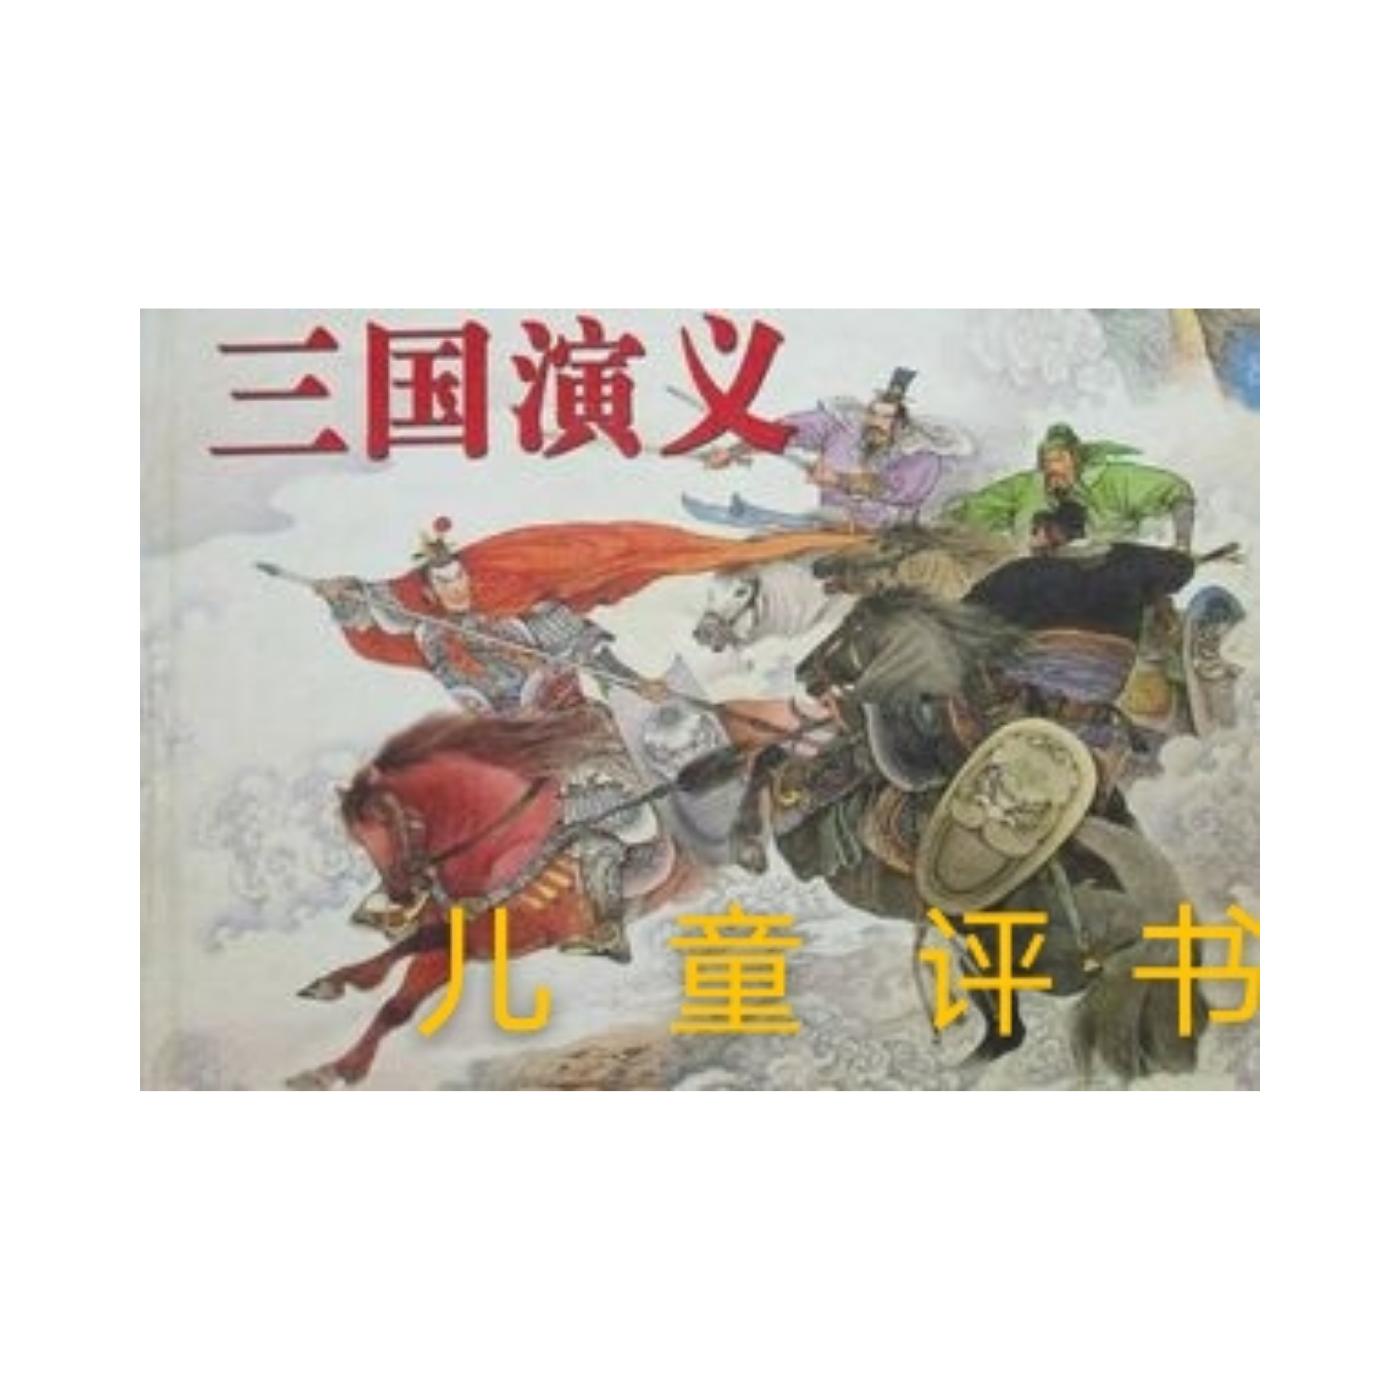 儿童评书《三国演义》故事爸爸王明军播讲